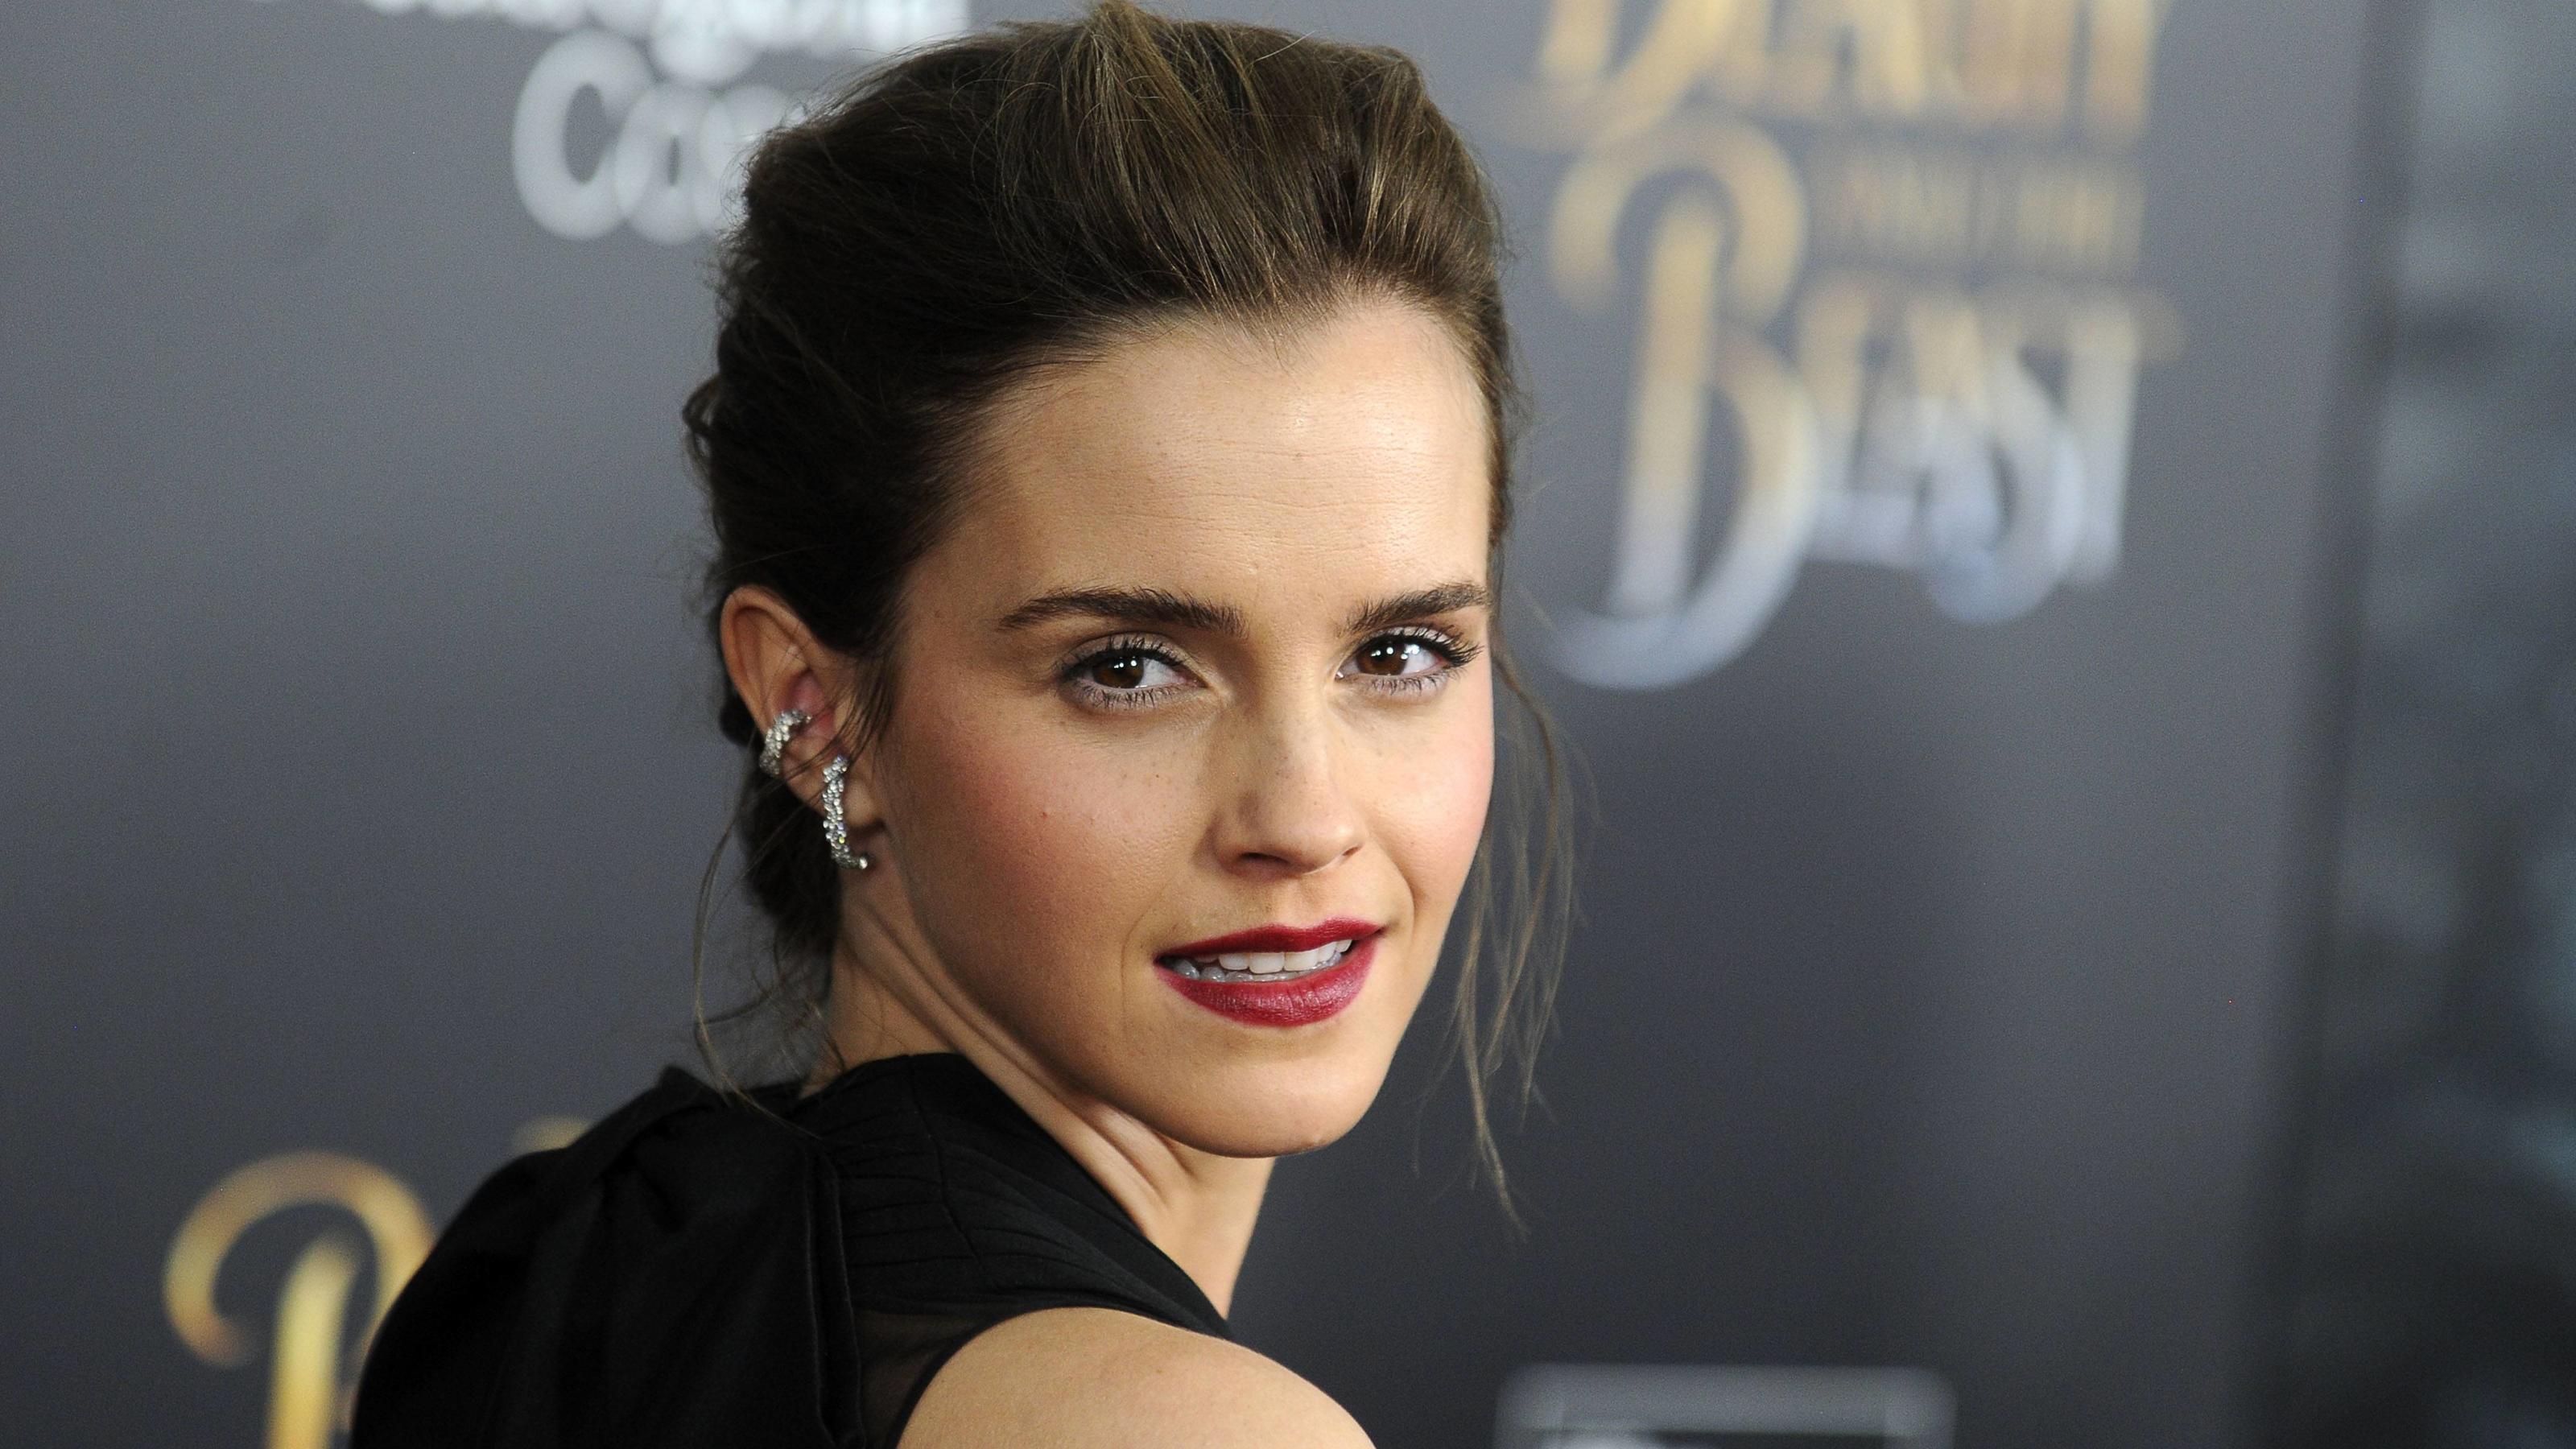 Emma Watson will Schauspiel-Karriere auf Eis legen - VIP.de, Star News